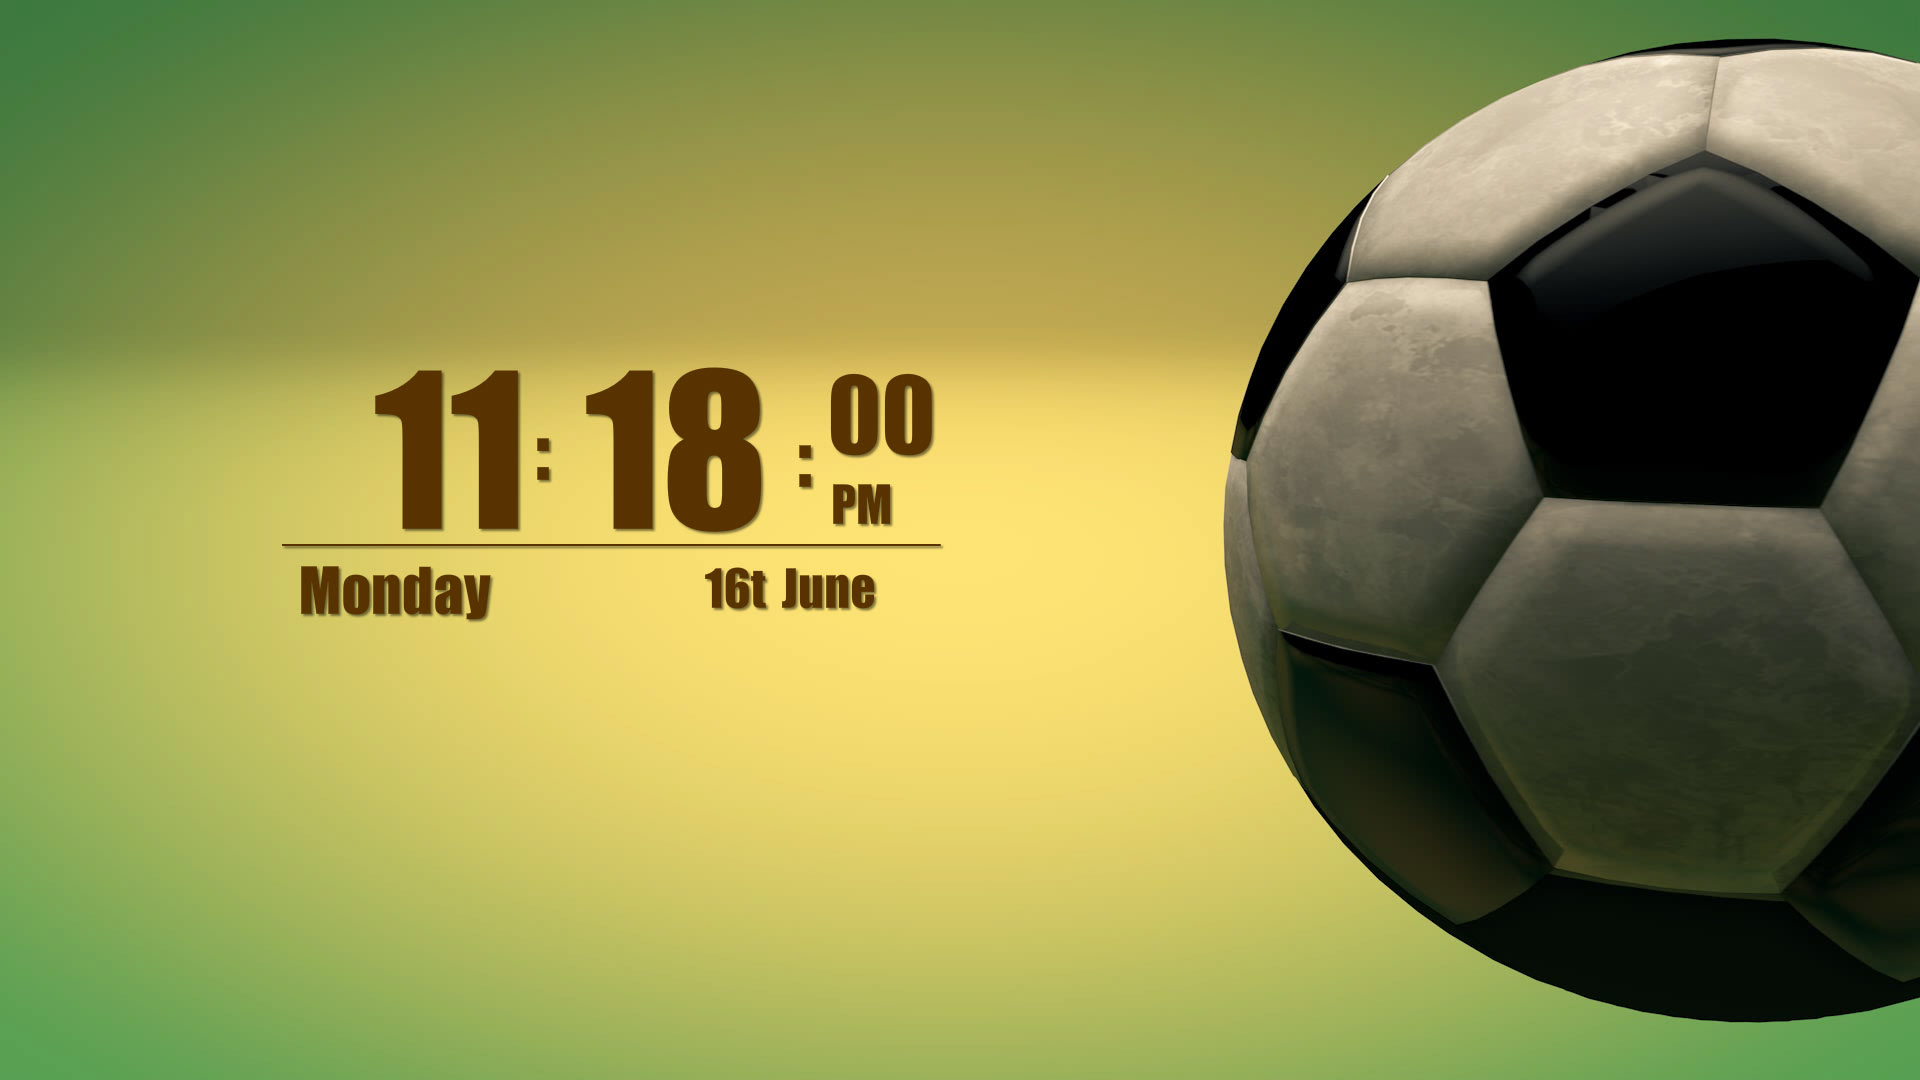 Soccer Kick Android Clock